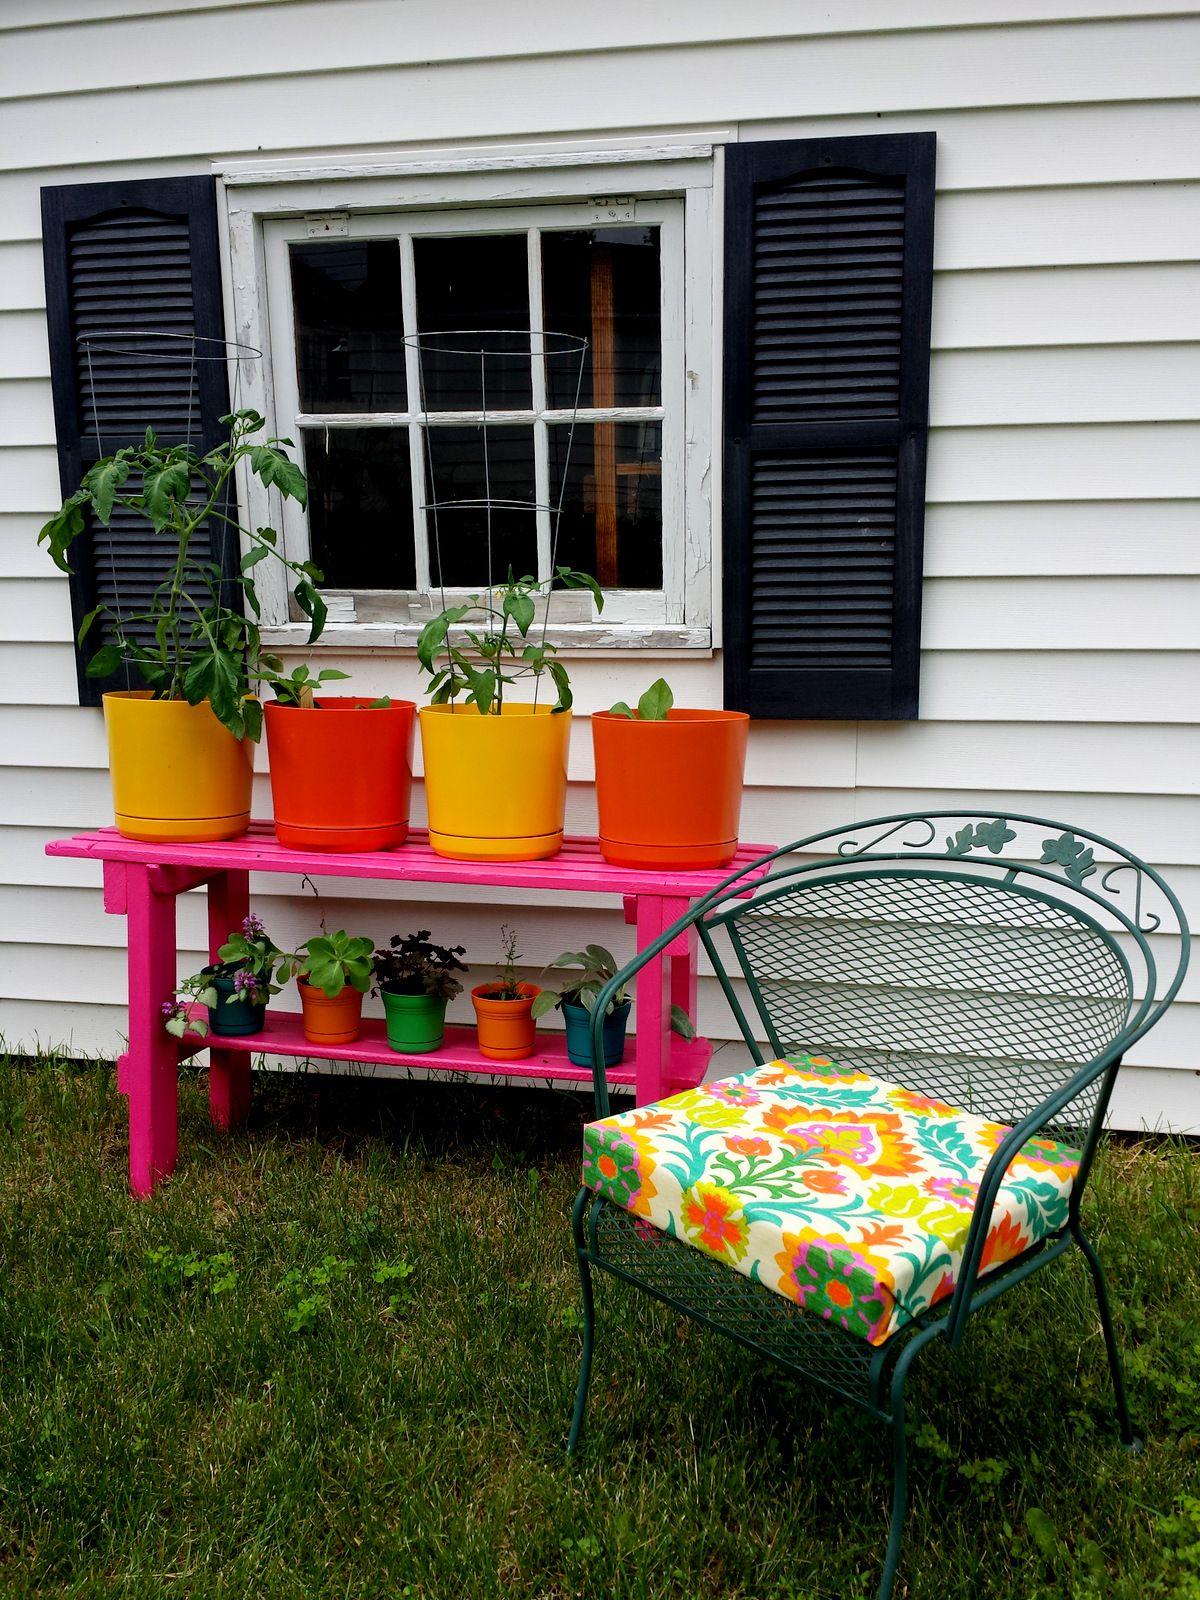 Diy no sew patio seat cushions diy patio cushions diy